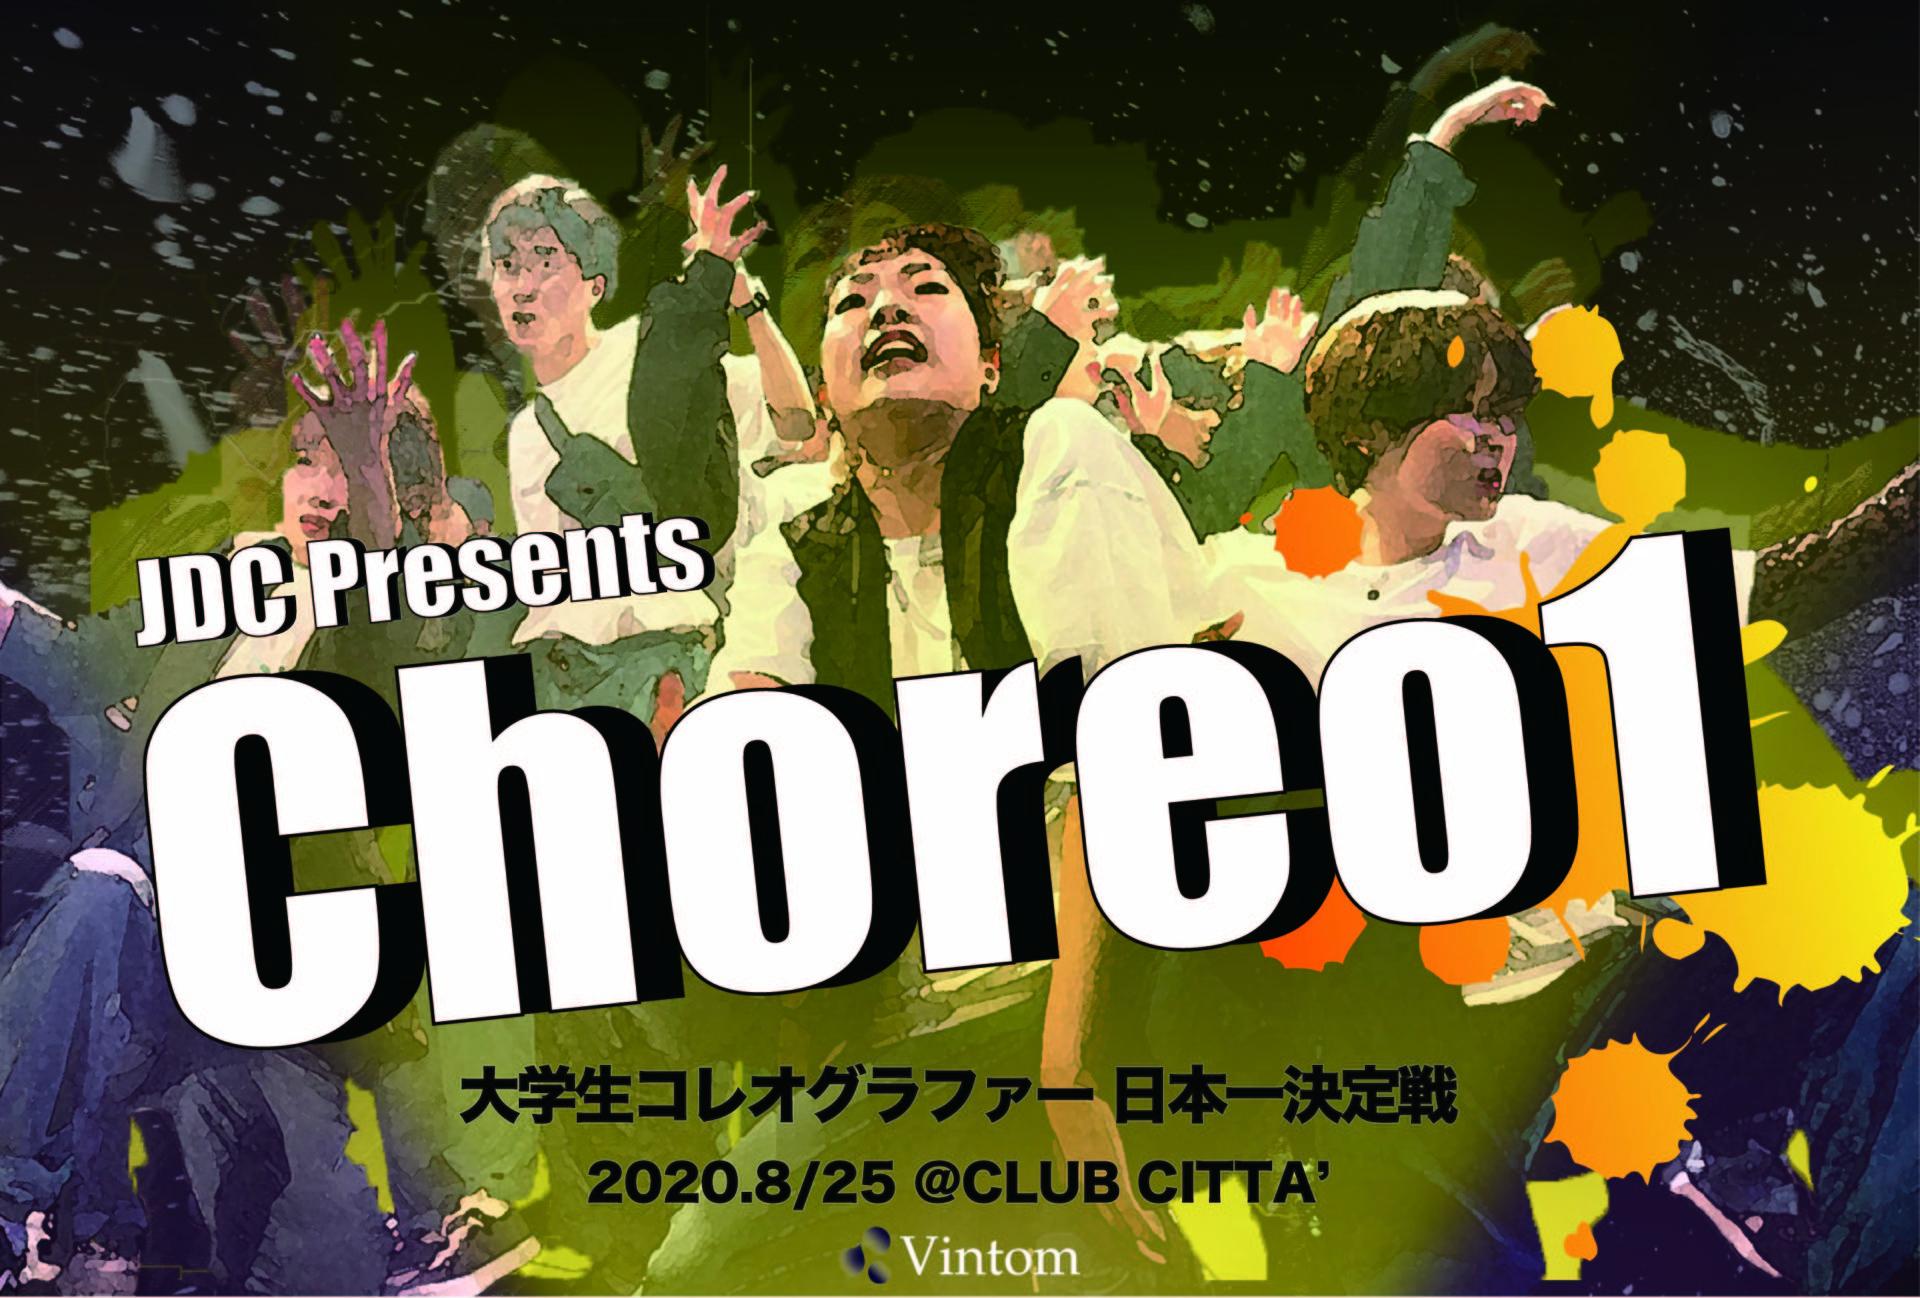 Choreo12020_KV_0127@300x-50